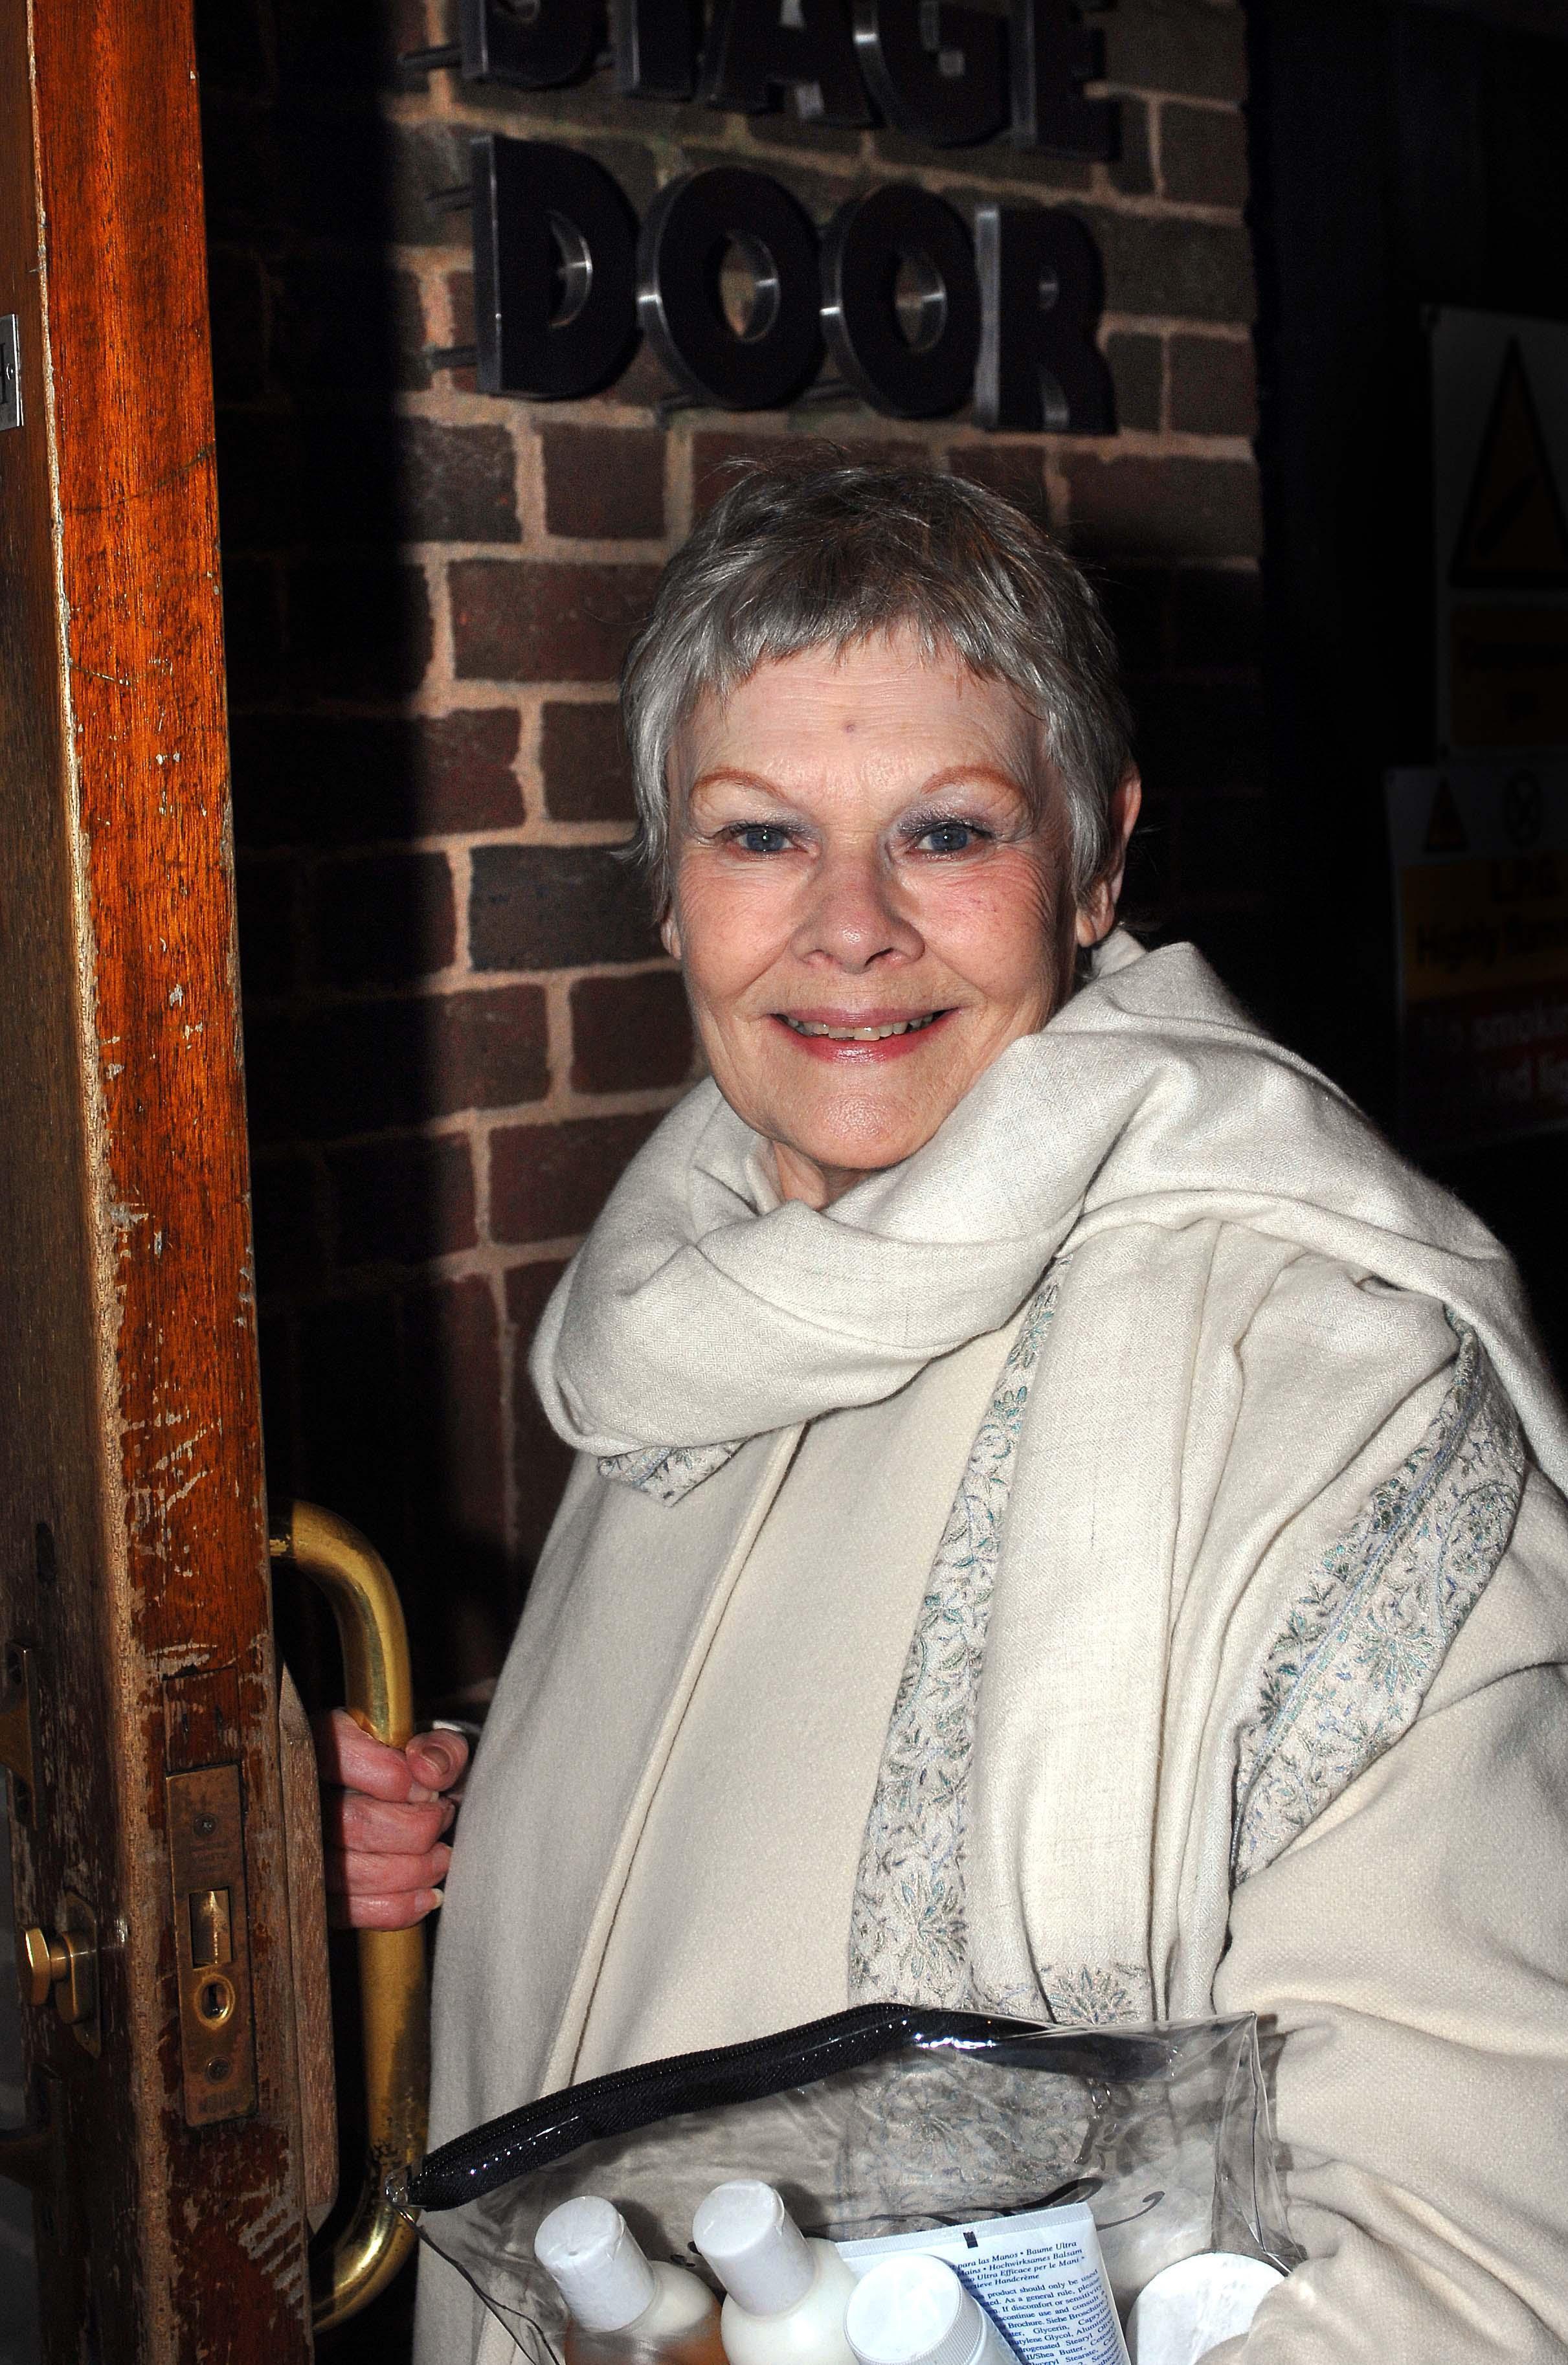 Dame Judi gets Golden Globes nod for Cranford